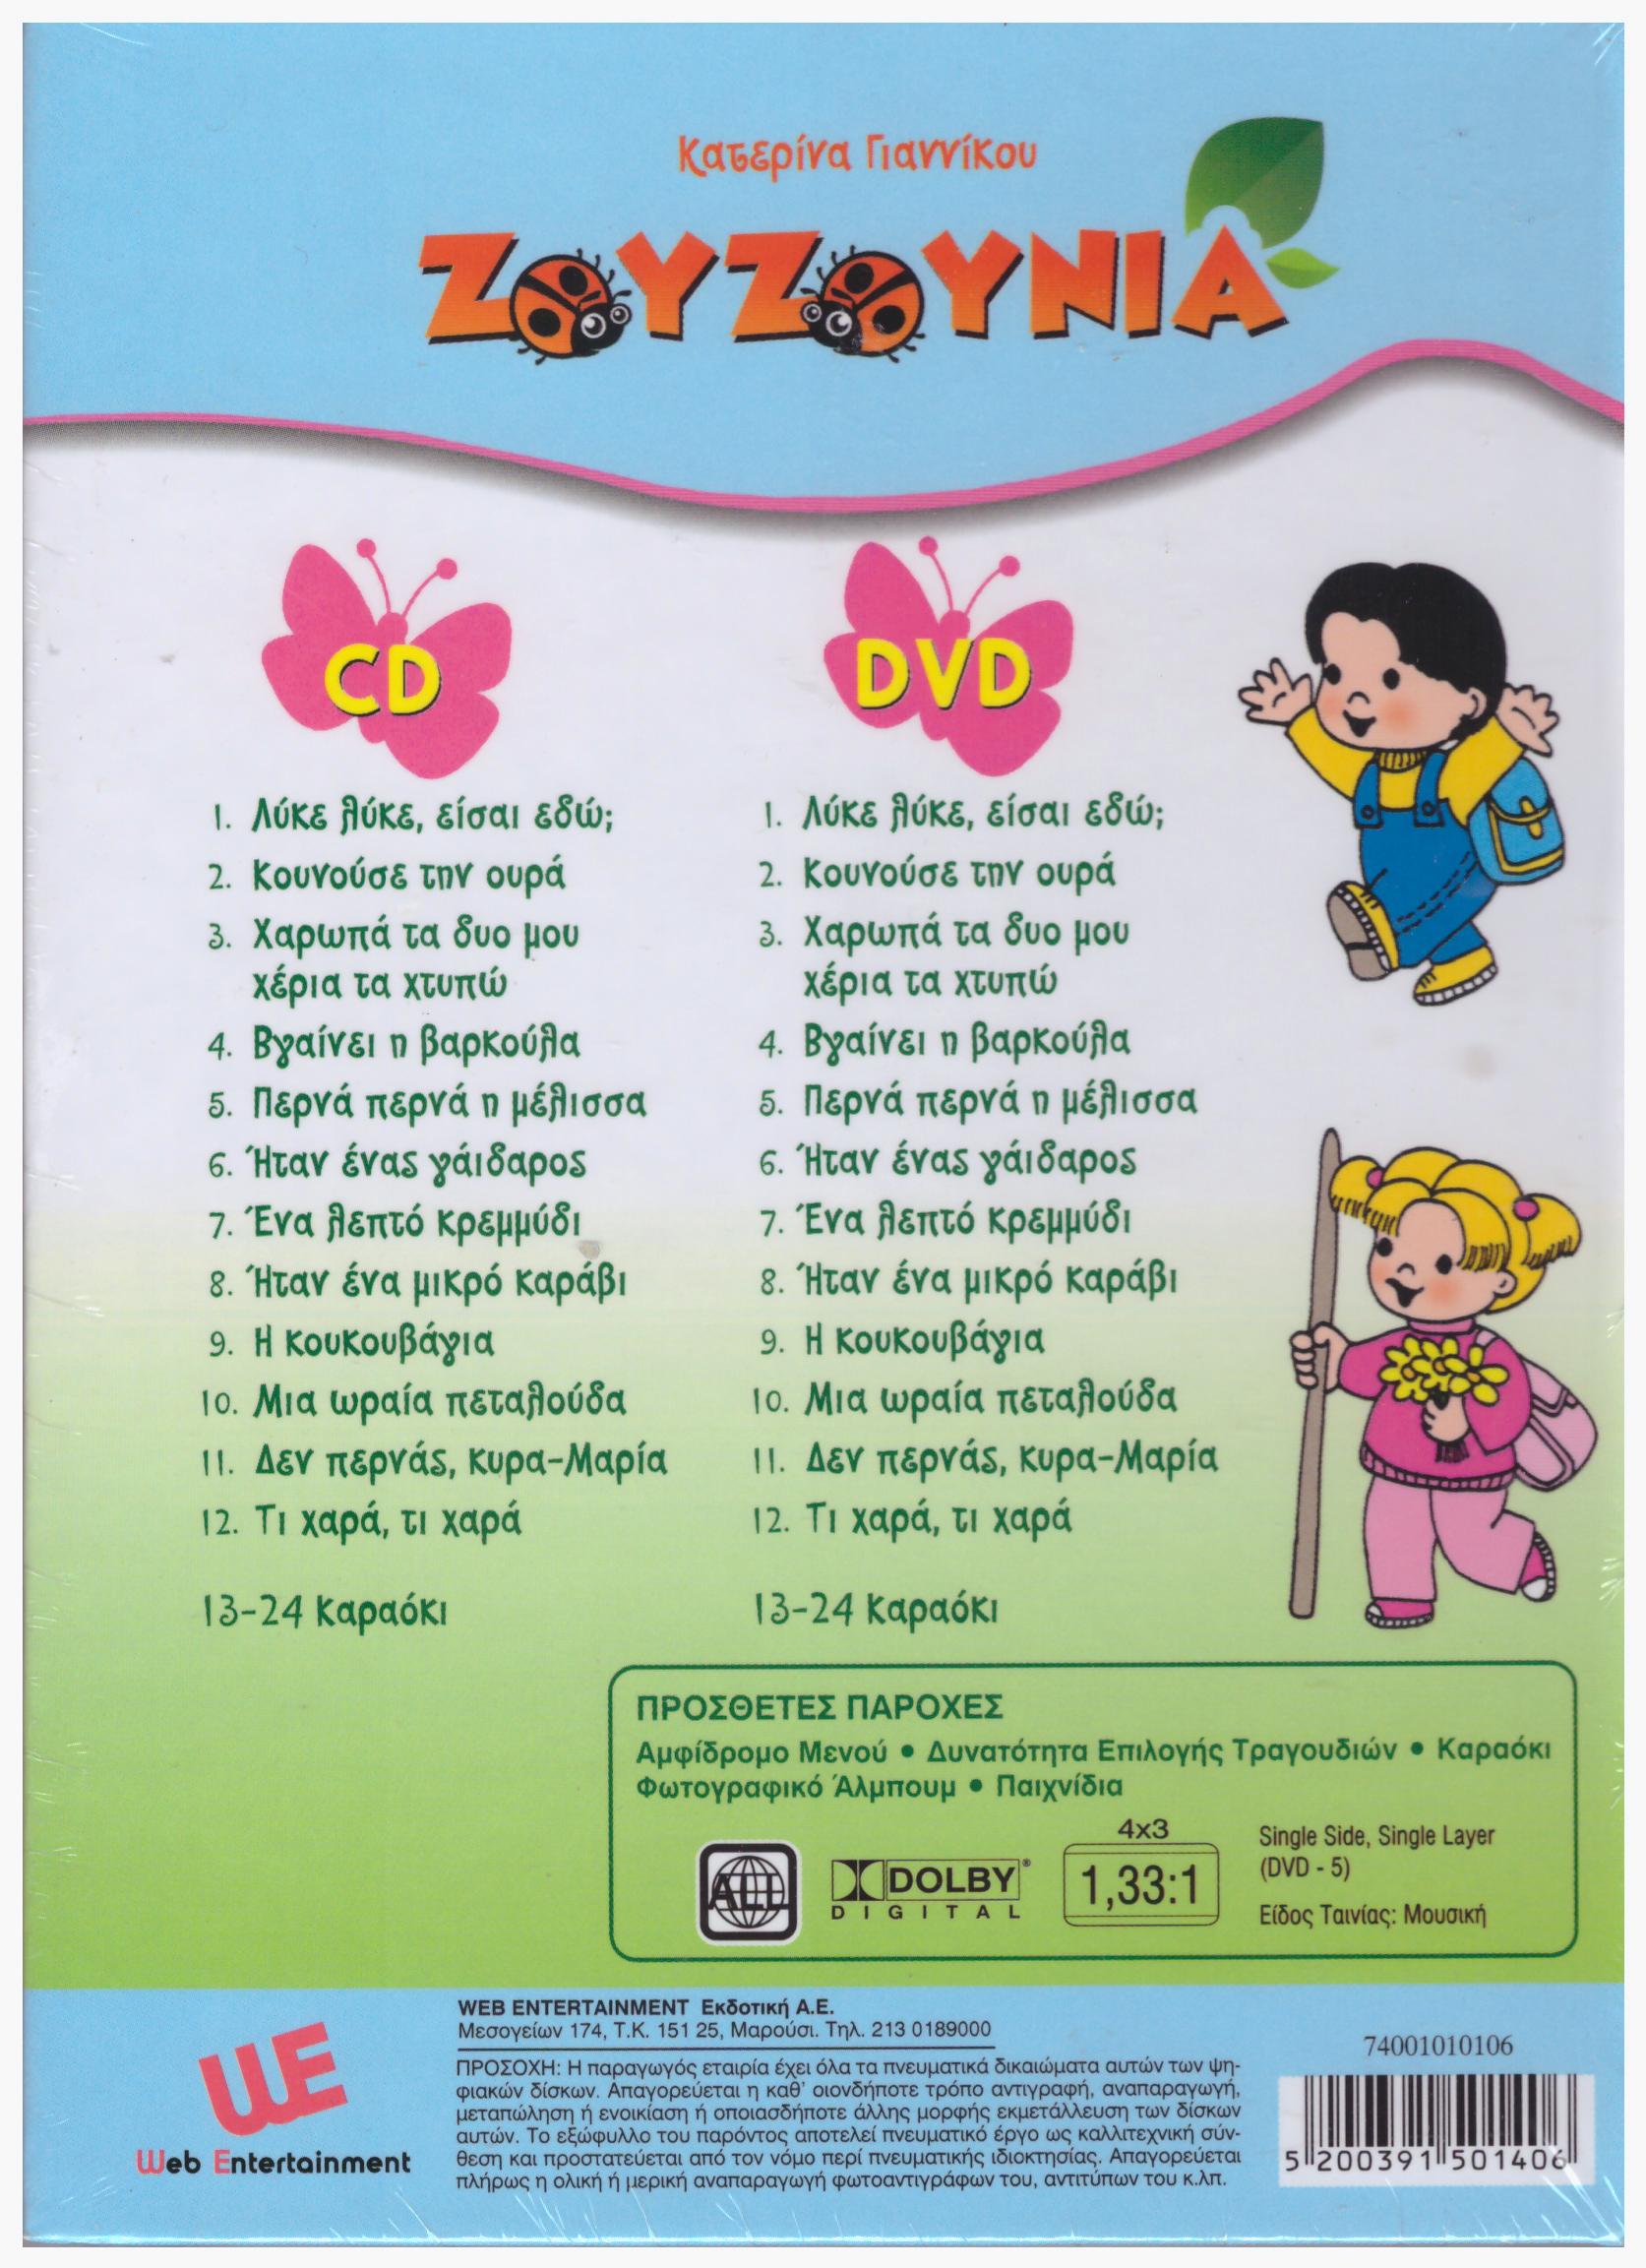 Ζουζούνια  Λύκε Λύκε είσαι εδώ   CD+DVD  a378d77731d